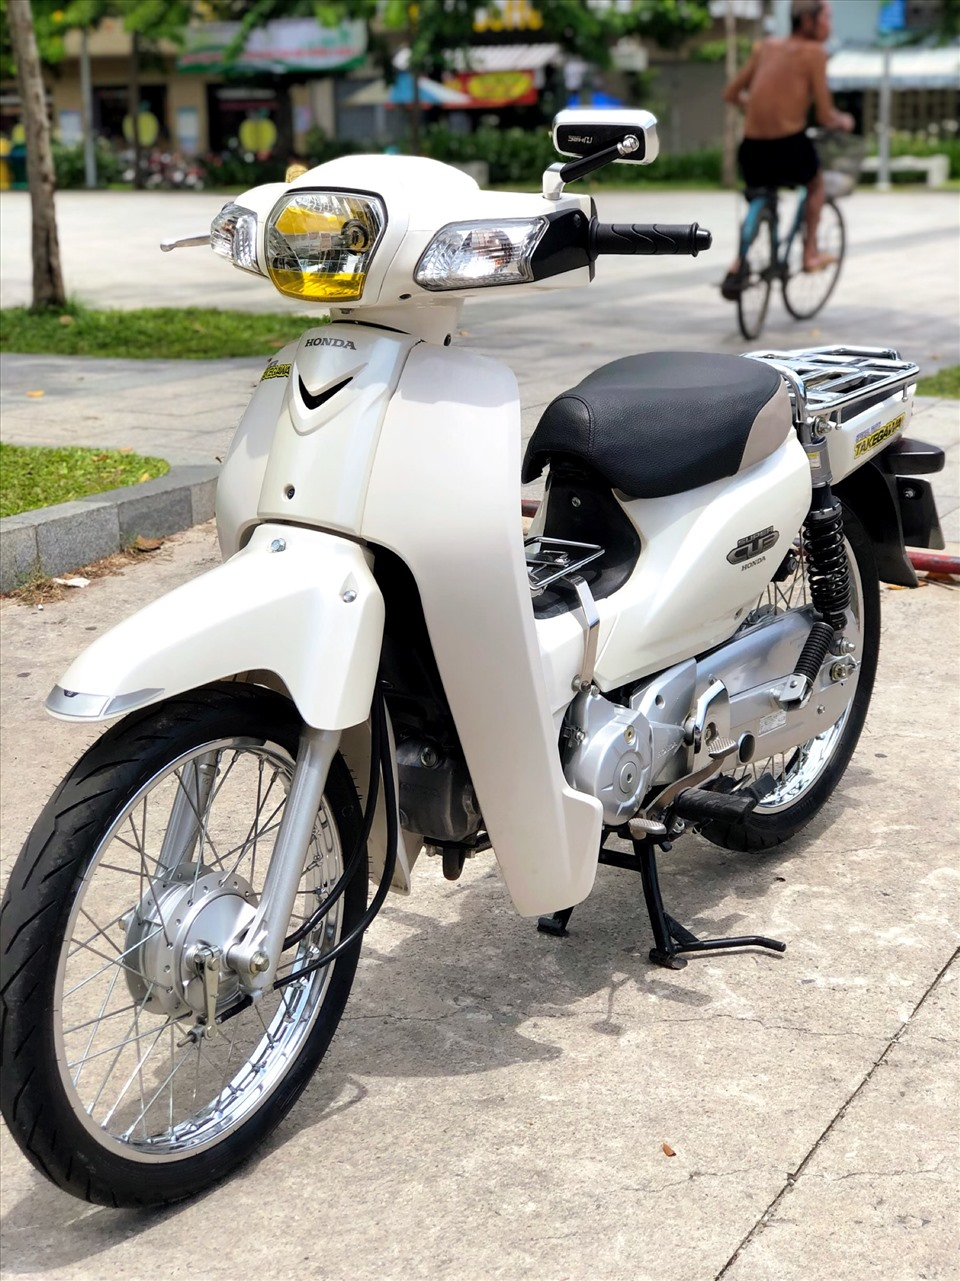 Cận cảnh chiếc Honda Super Cub 110i 2012 được rao bán với giá gần 130 triệu. Ảnh: Hưng Từ